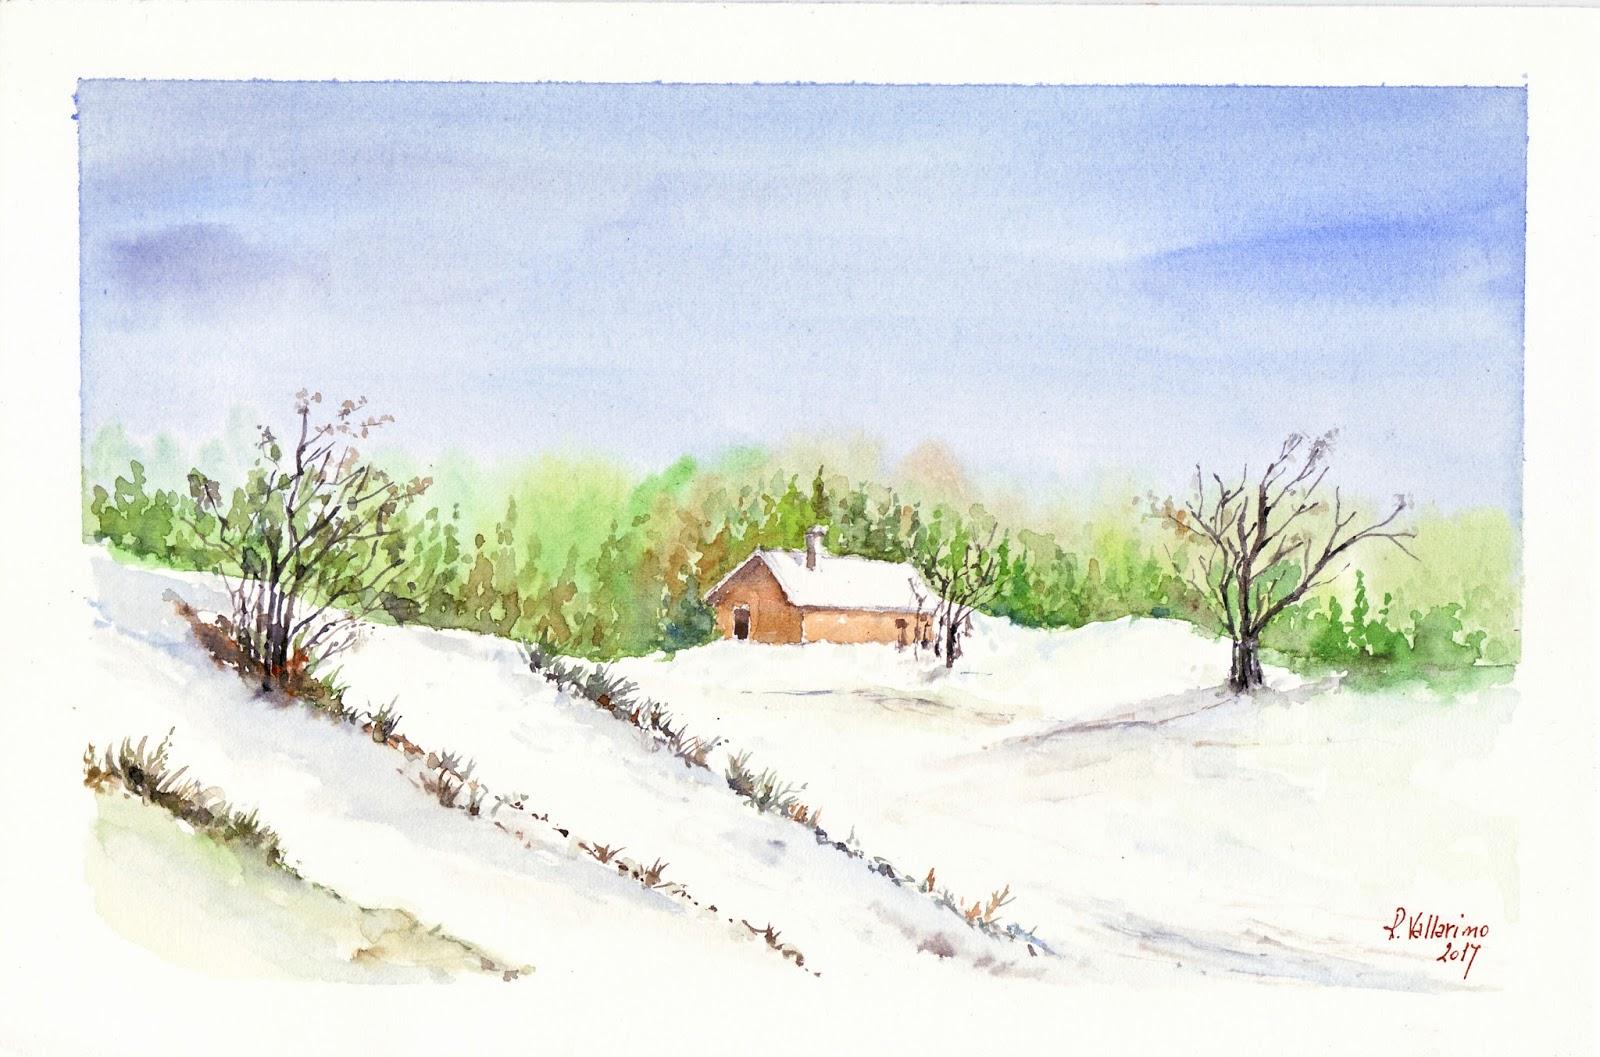 Acquerelliamo insieme corso acquerello paesaggio invernale for Disegno paesaggio invernale